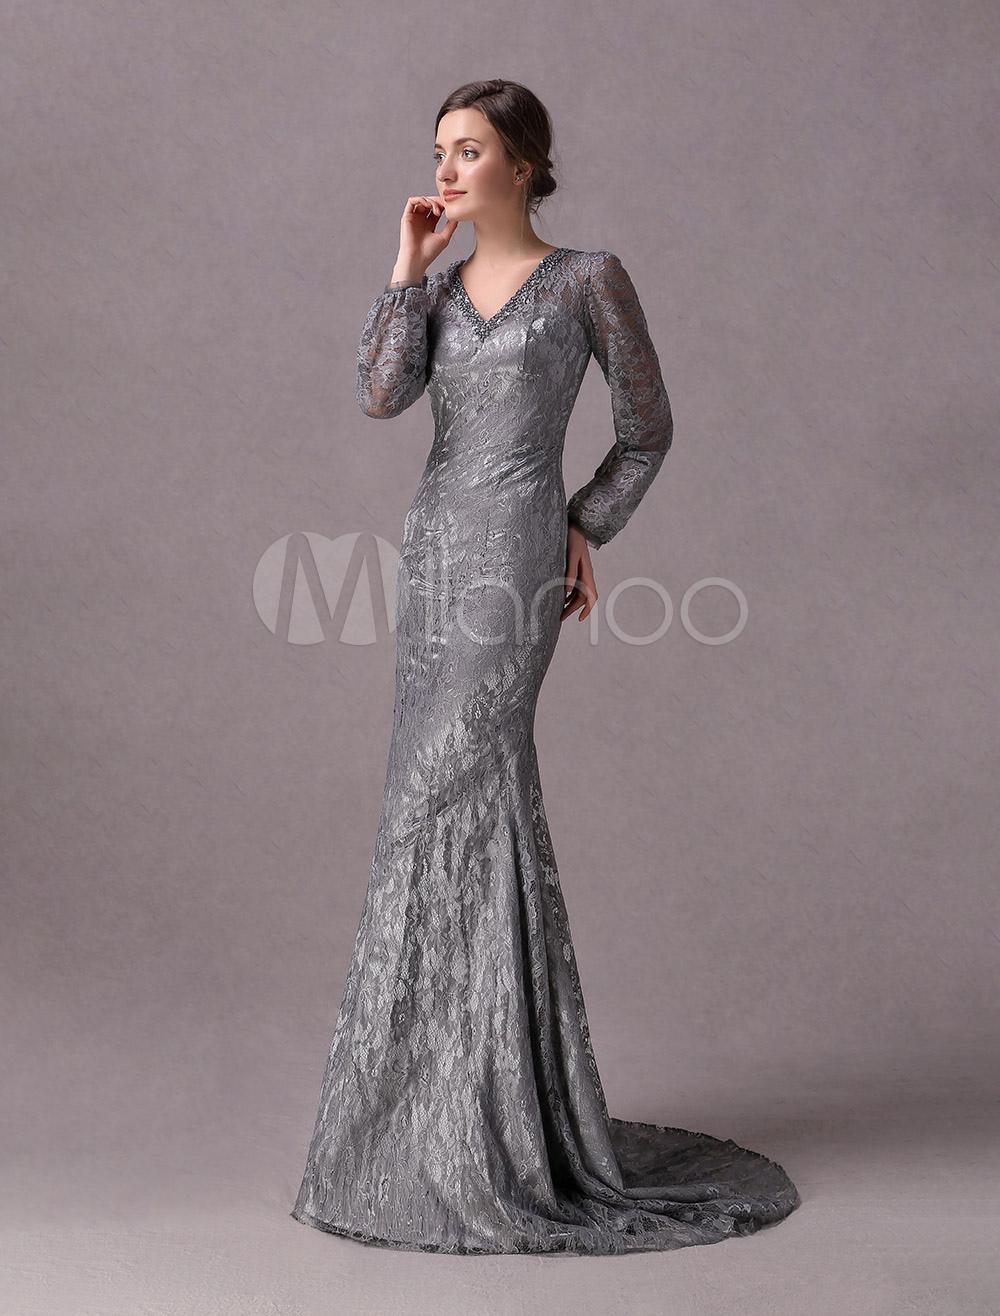 2a88fd97f ... Vestidos de noche grises vestido de madre de manga larga de encaje  rebordear vestido formal de ...